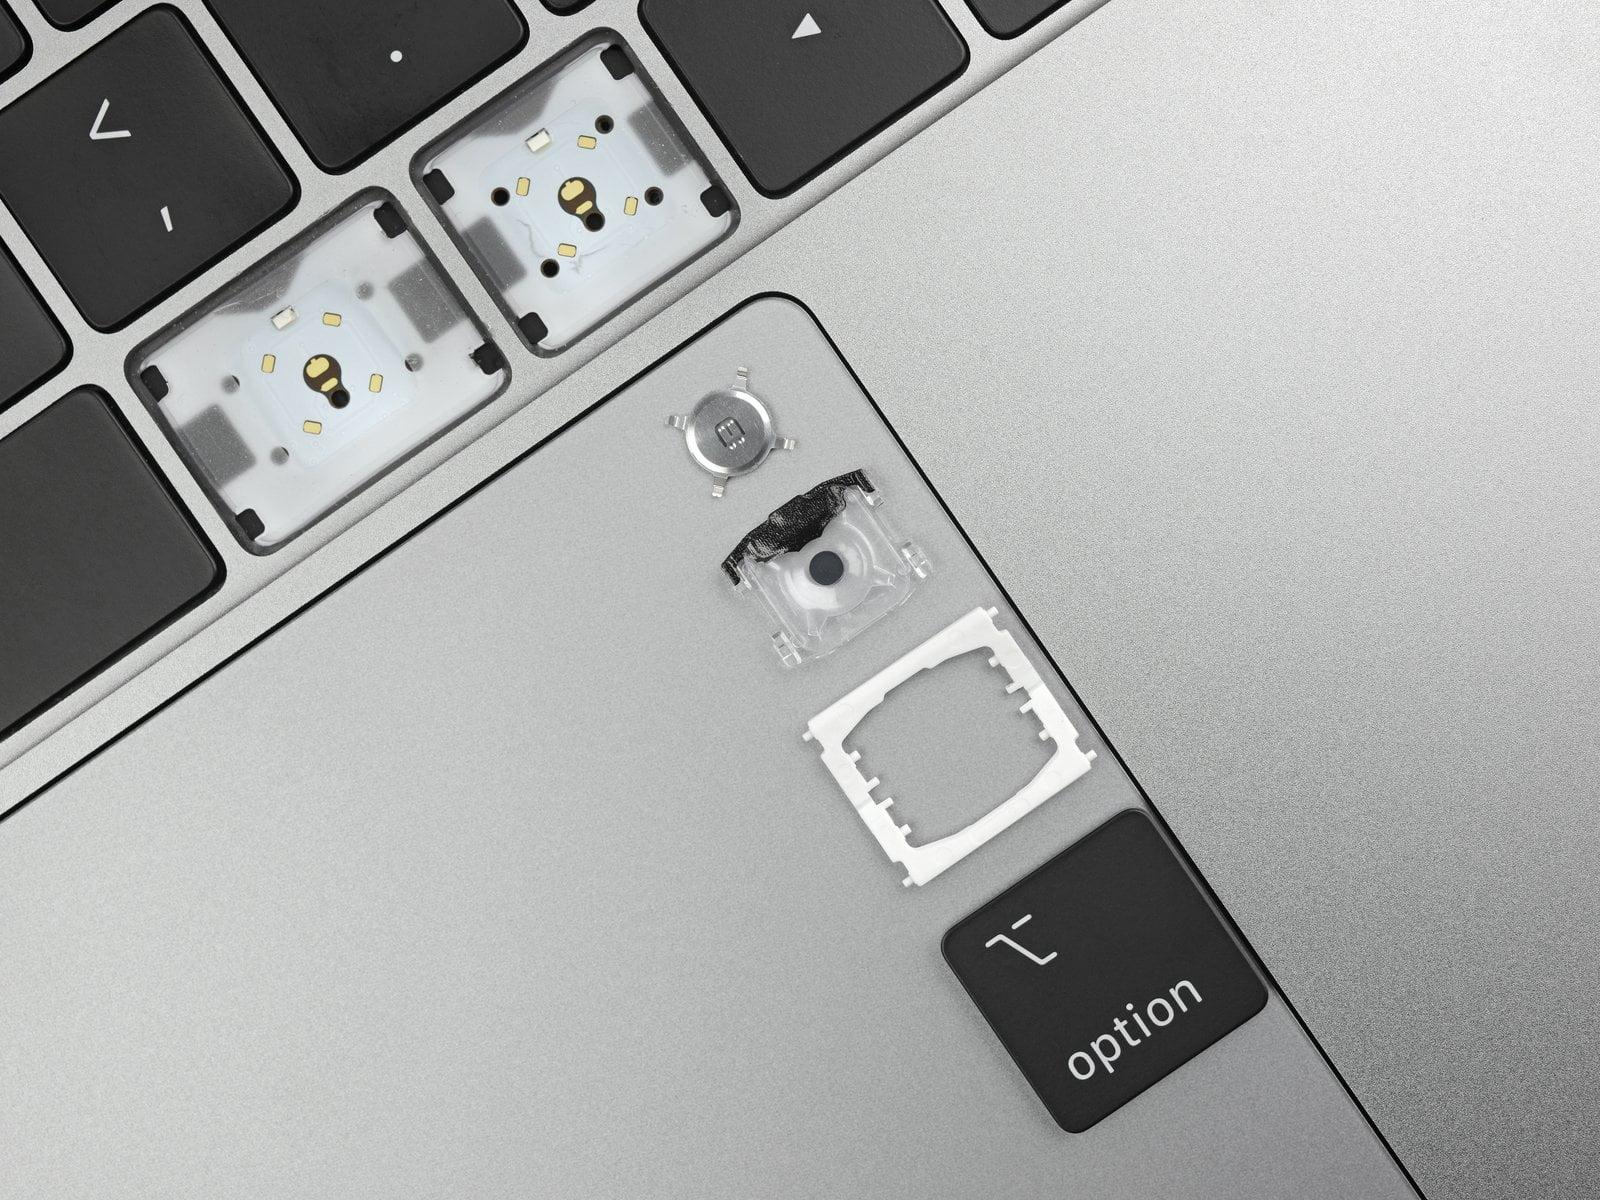 ifixit macbook pro keyboard 2019